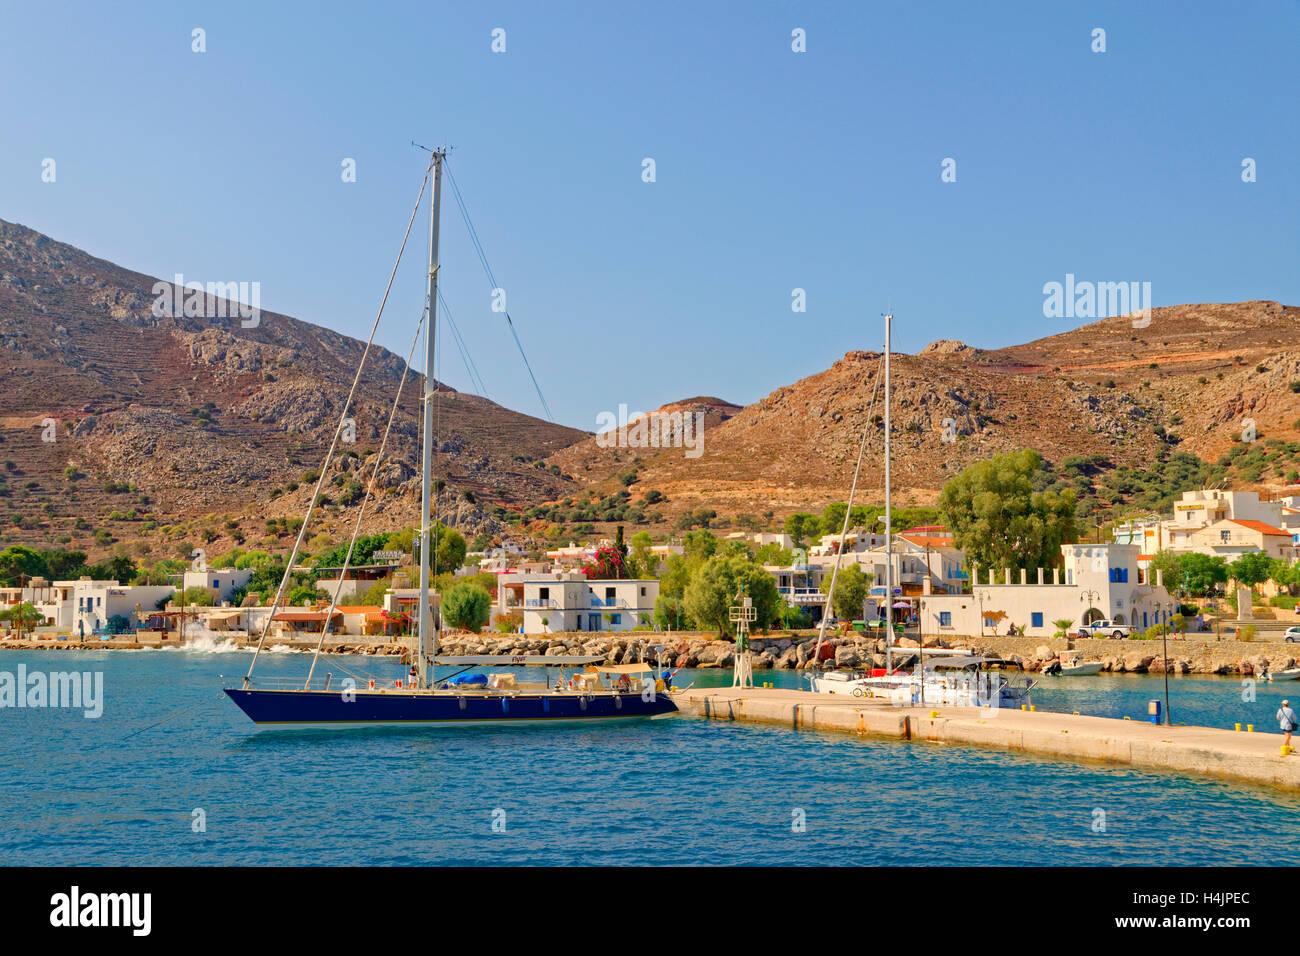 Tilos Stadtkai auf der griechischen Insel Tilos liegt zwischen Rhodos und Kos im Dodekanes Inselgruppe, Griechenland. Stockbild